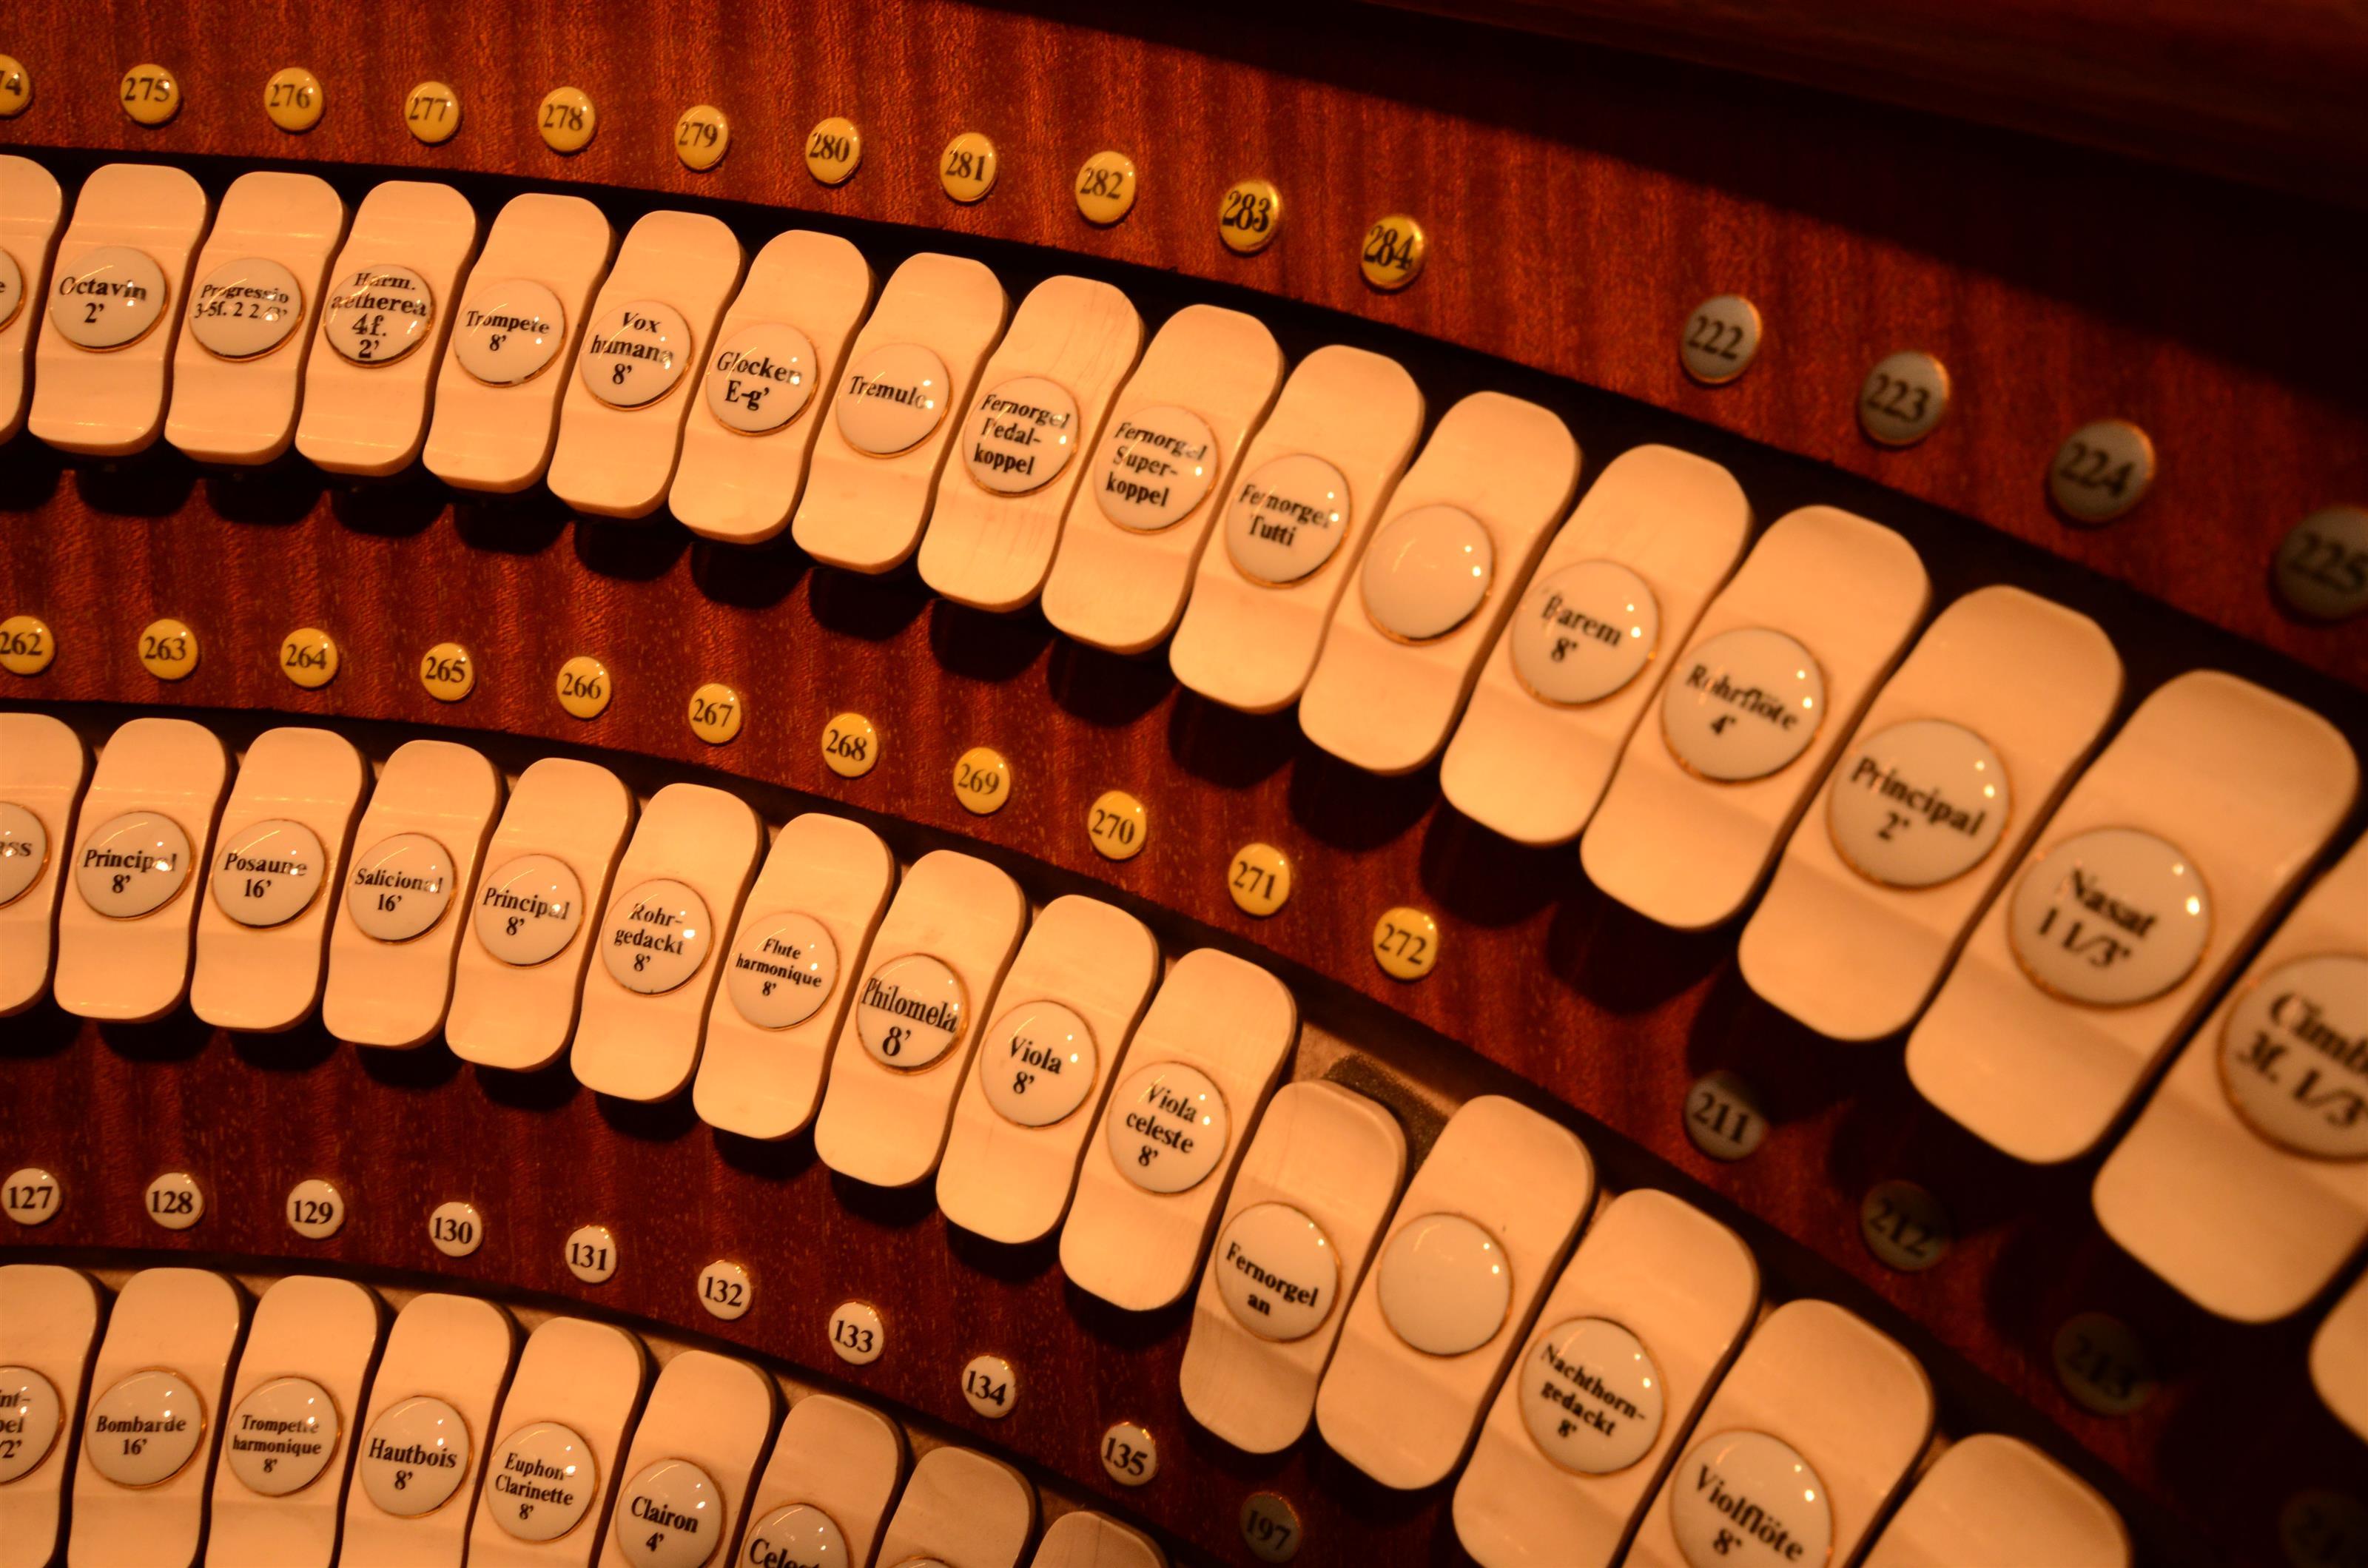 Königin der Instrumente: In der Renaissance, insbesondere aber im Barock, entwickelte sich die Orgel zum wichtigsten Instrument in der kirchlichen Liturgie.